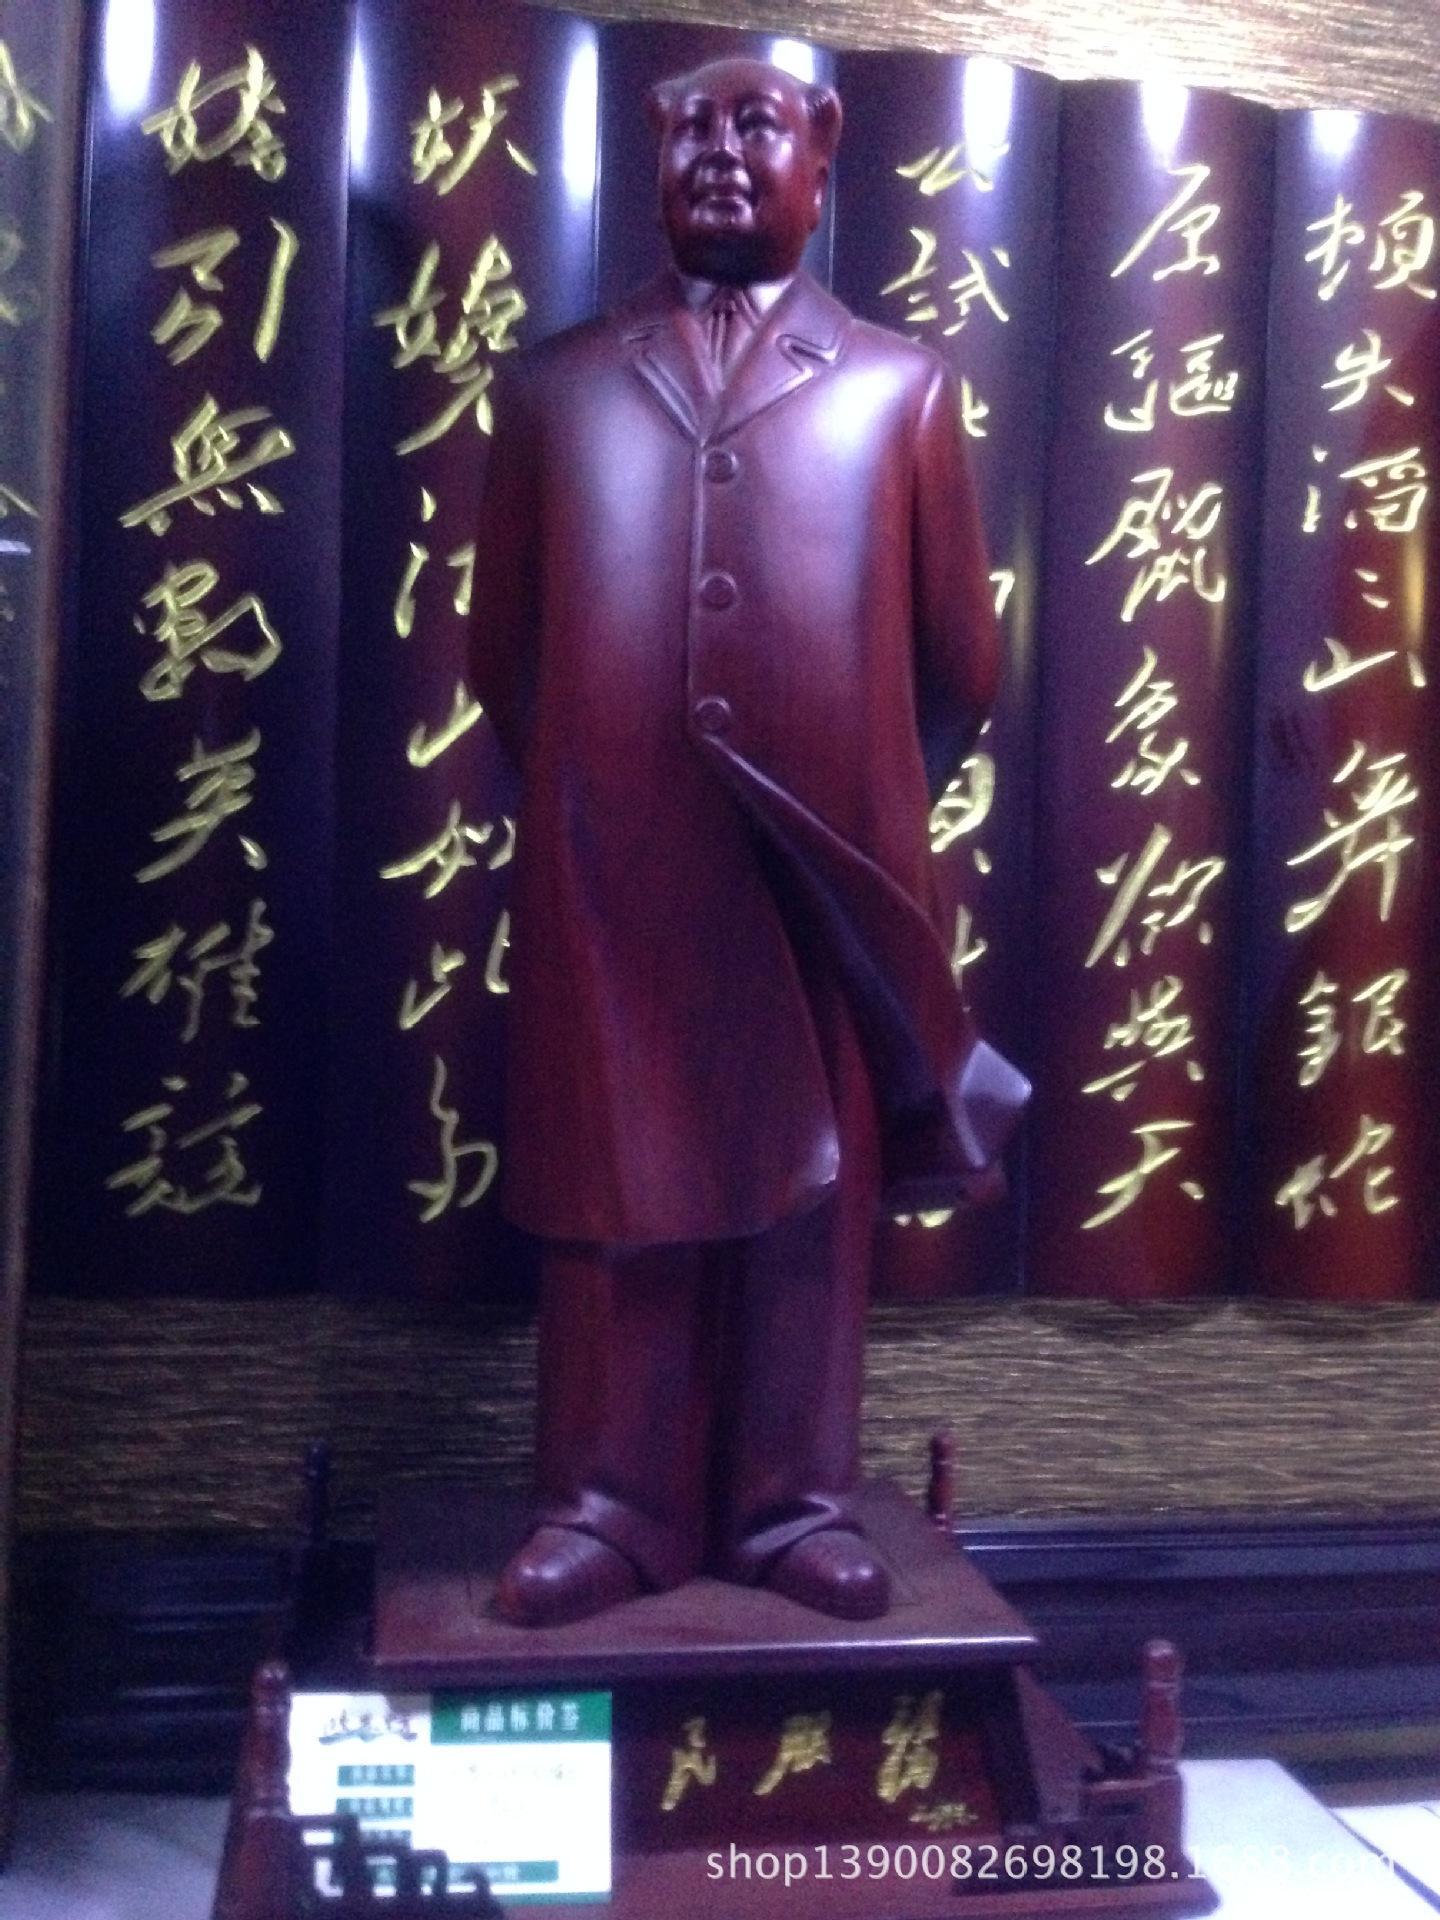 经典木雕:毛泽东肖像 最新商品展示:经典木雕——红花梨毛主席肖像【带底座】